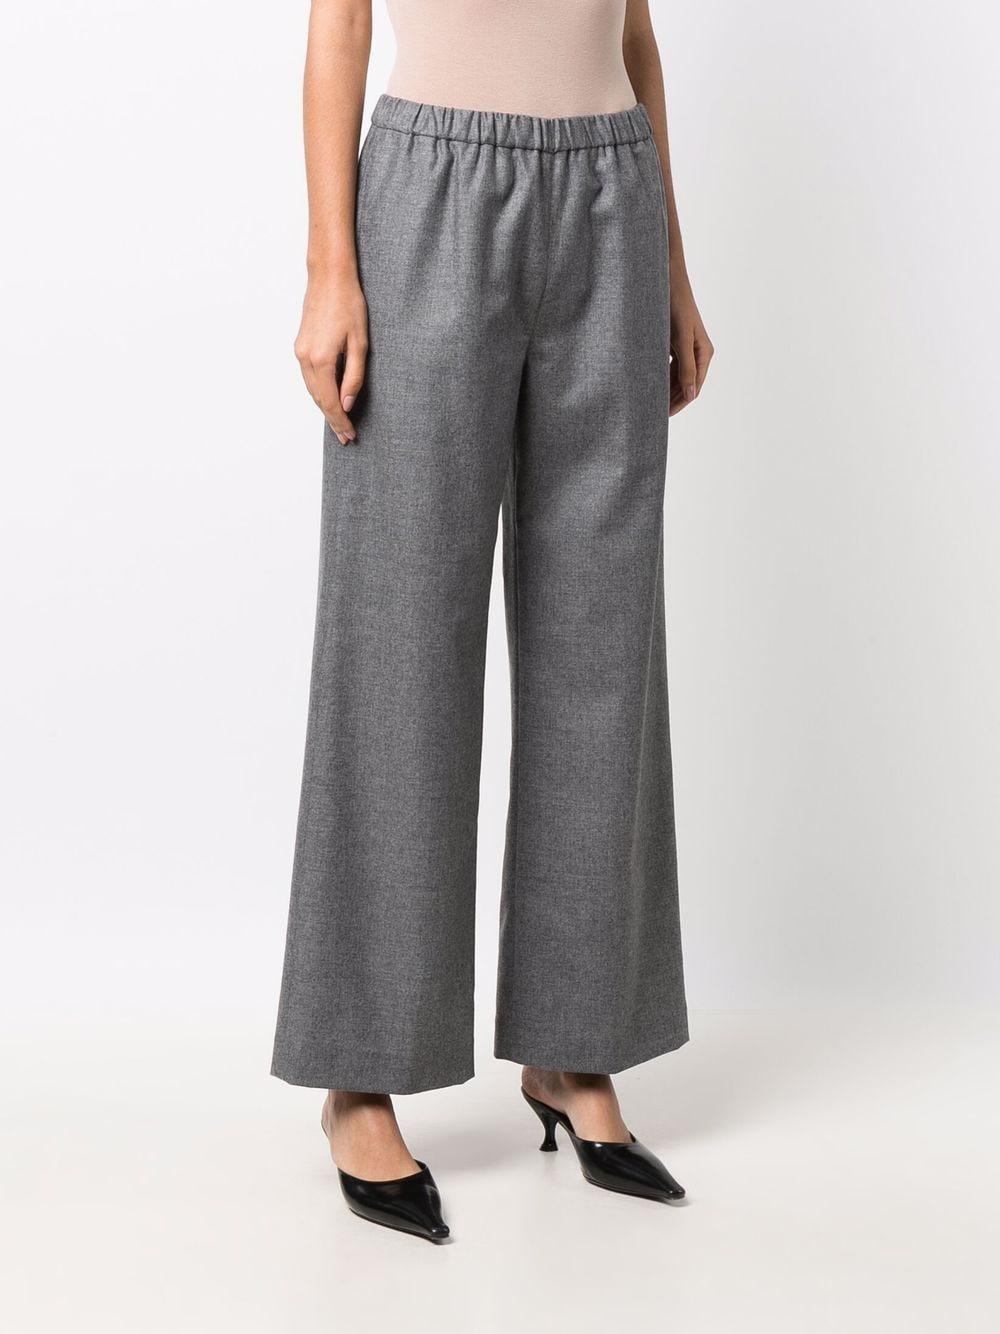 Pantaloni a gamba larga in lana grigio scuro con elastico in vita ASPESI | Pantaloni | 0128-L62901190